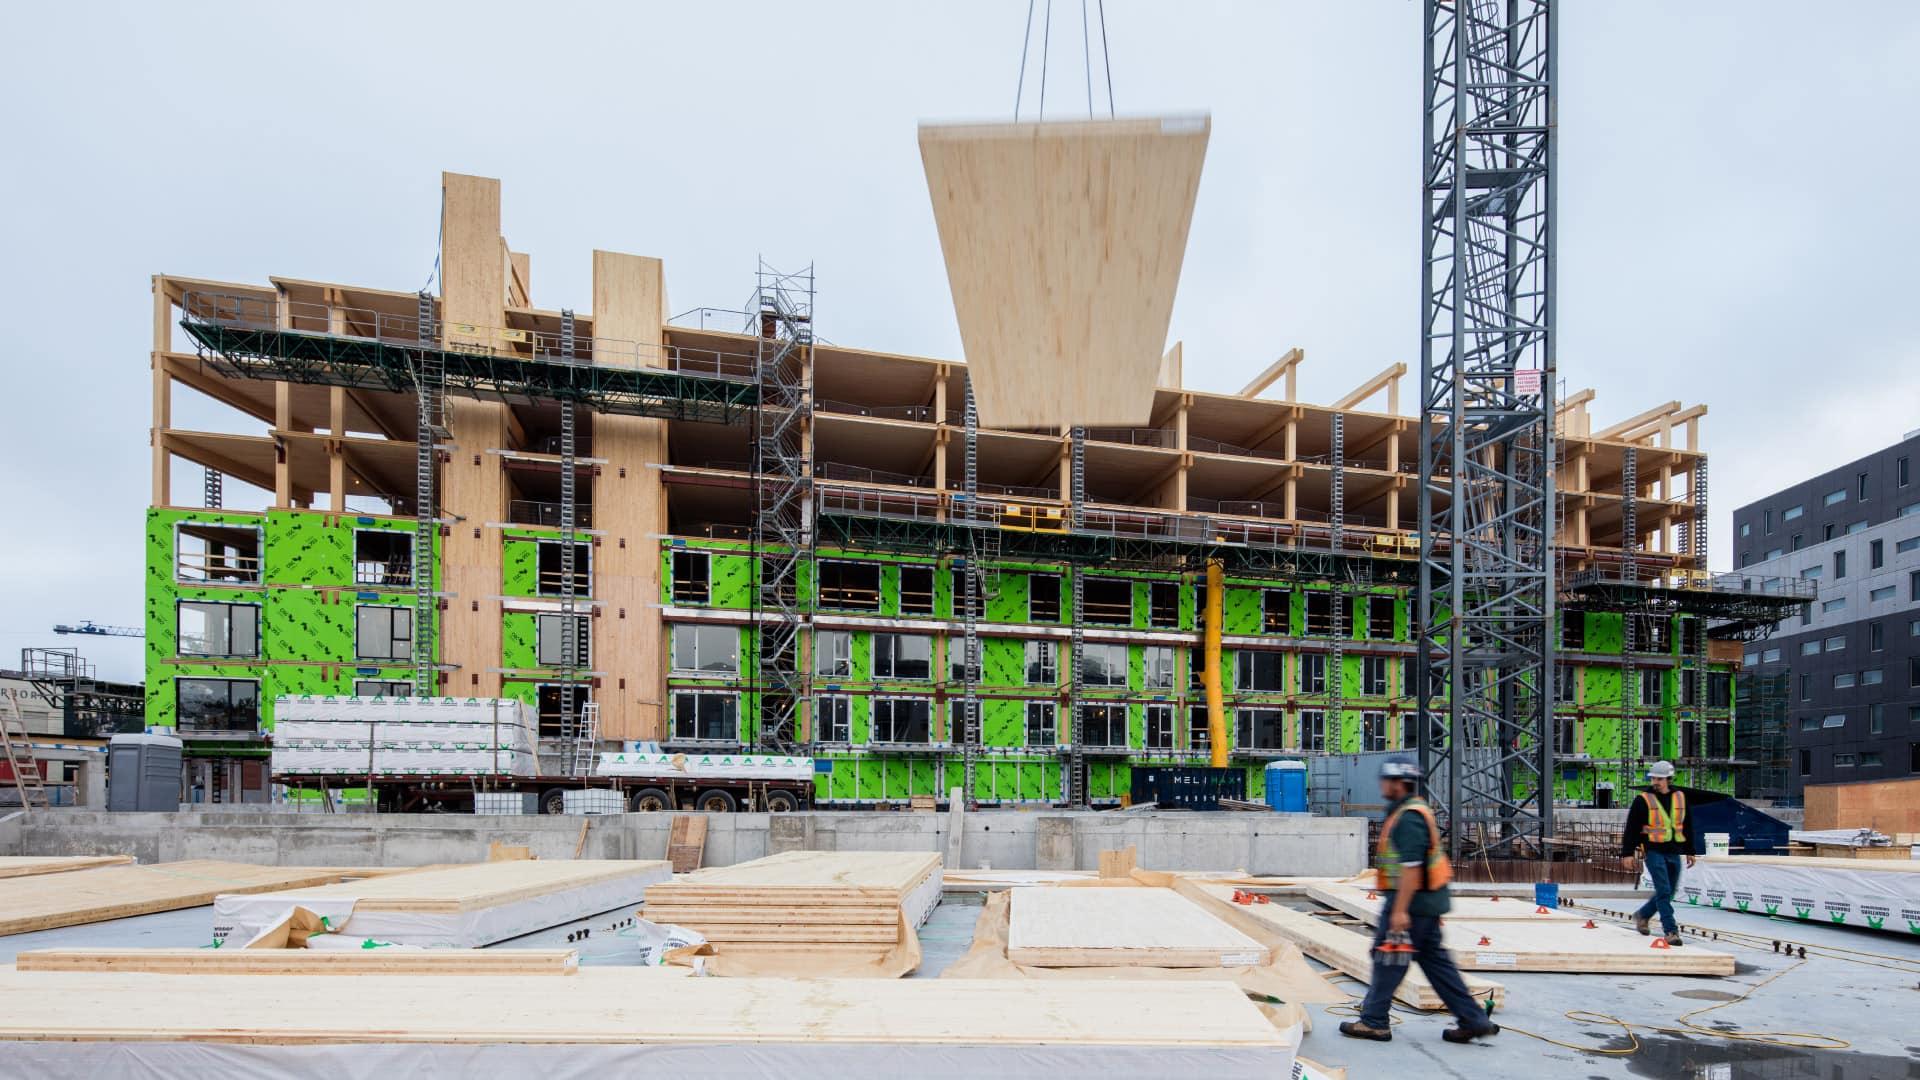 Construtora-Naves-Armacao-de-Concreto-Reforcado-02